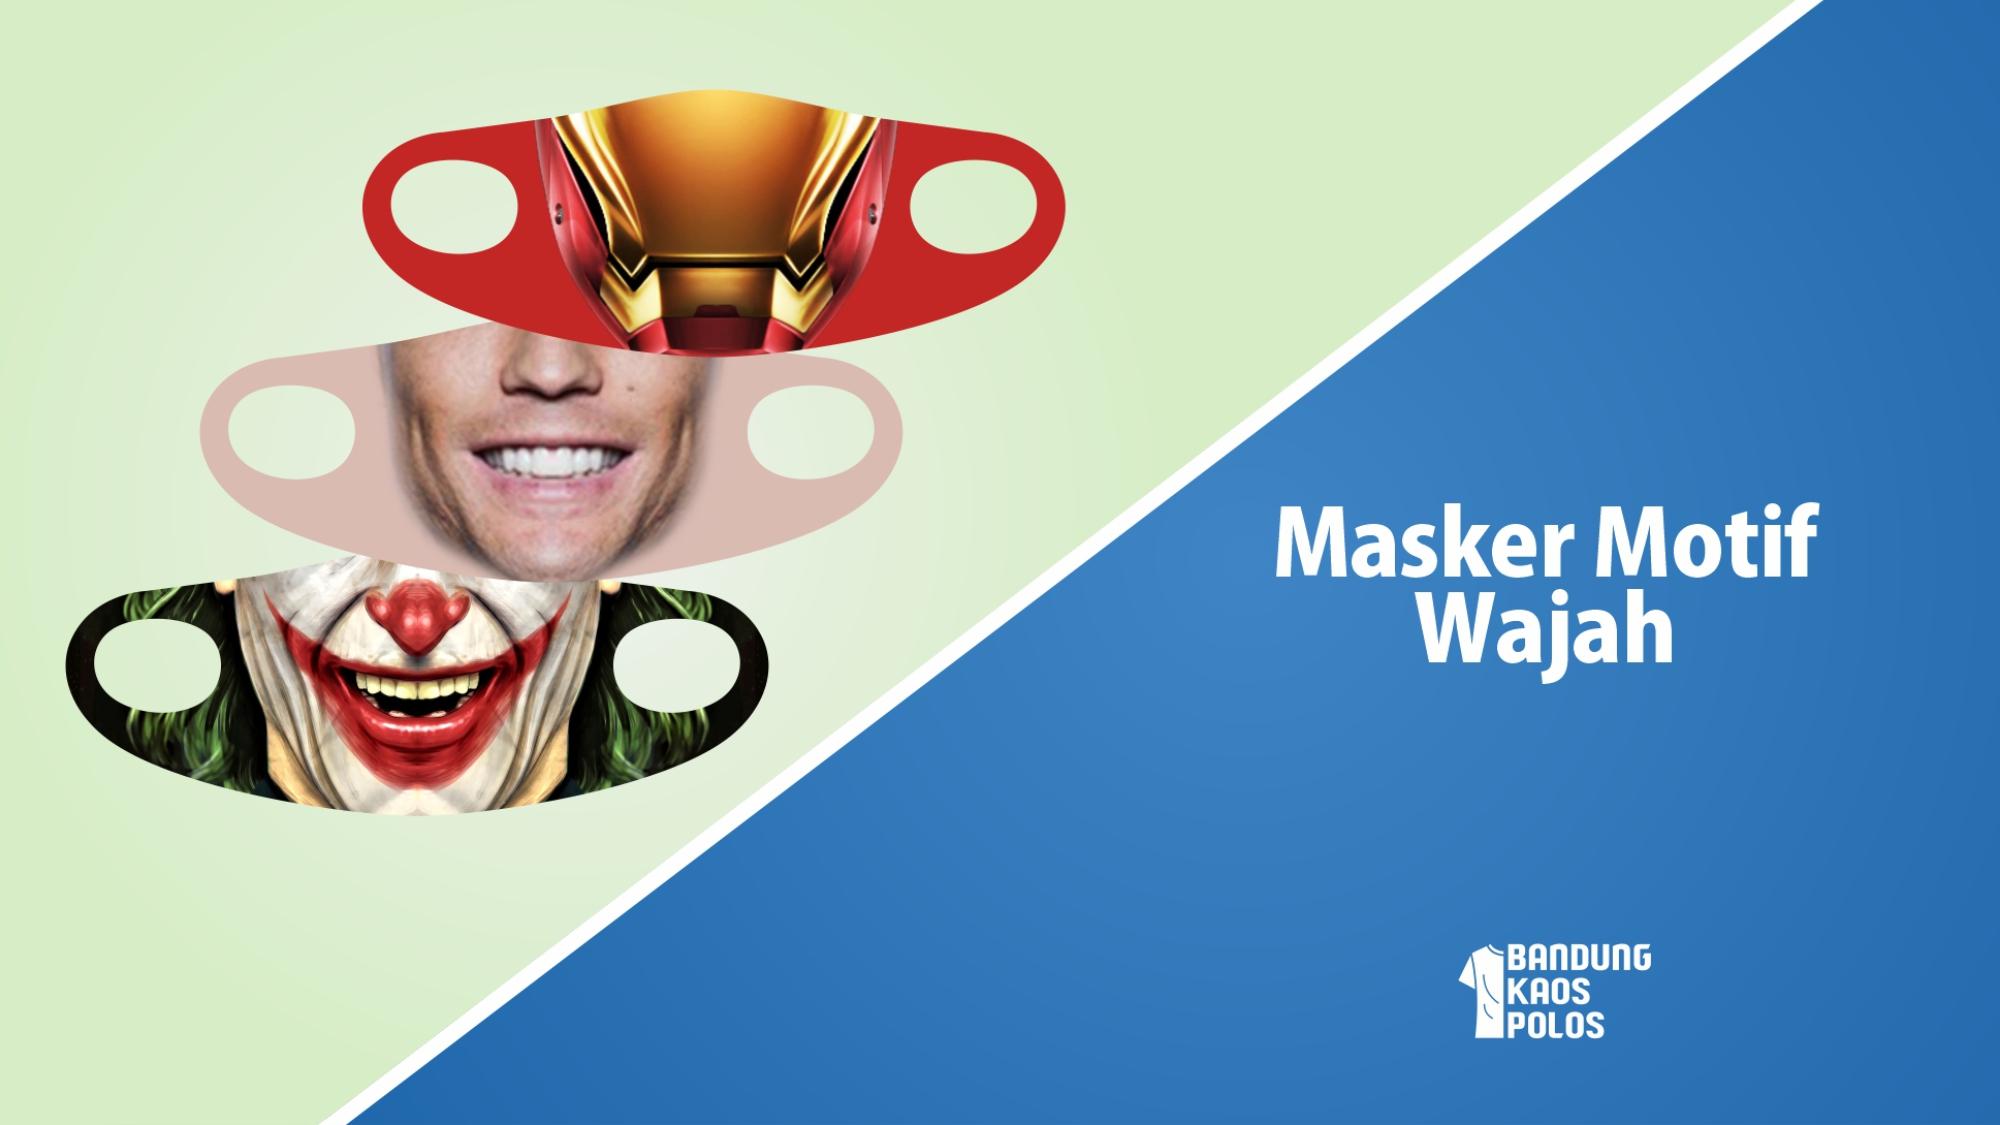 Masker Motif Wajah